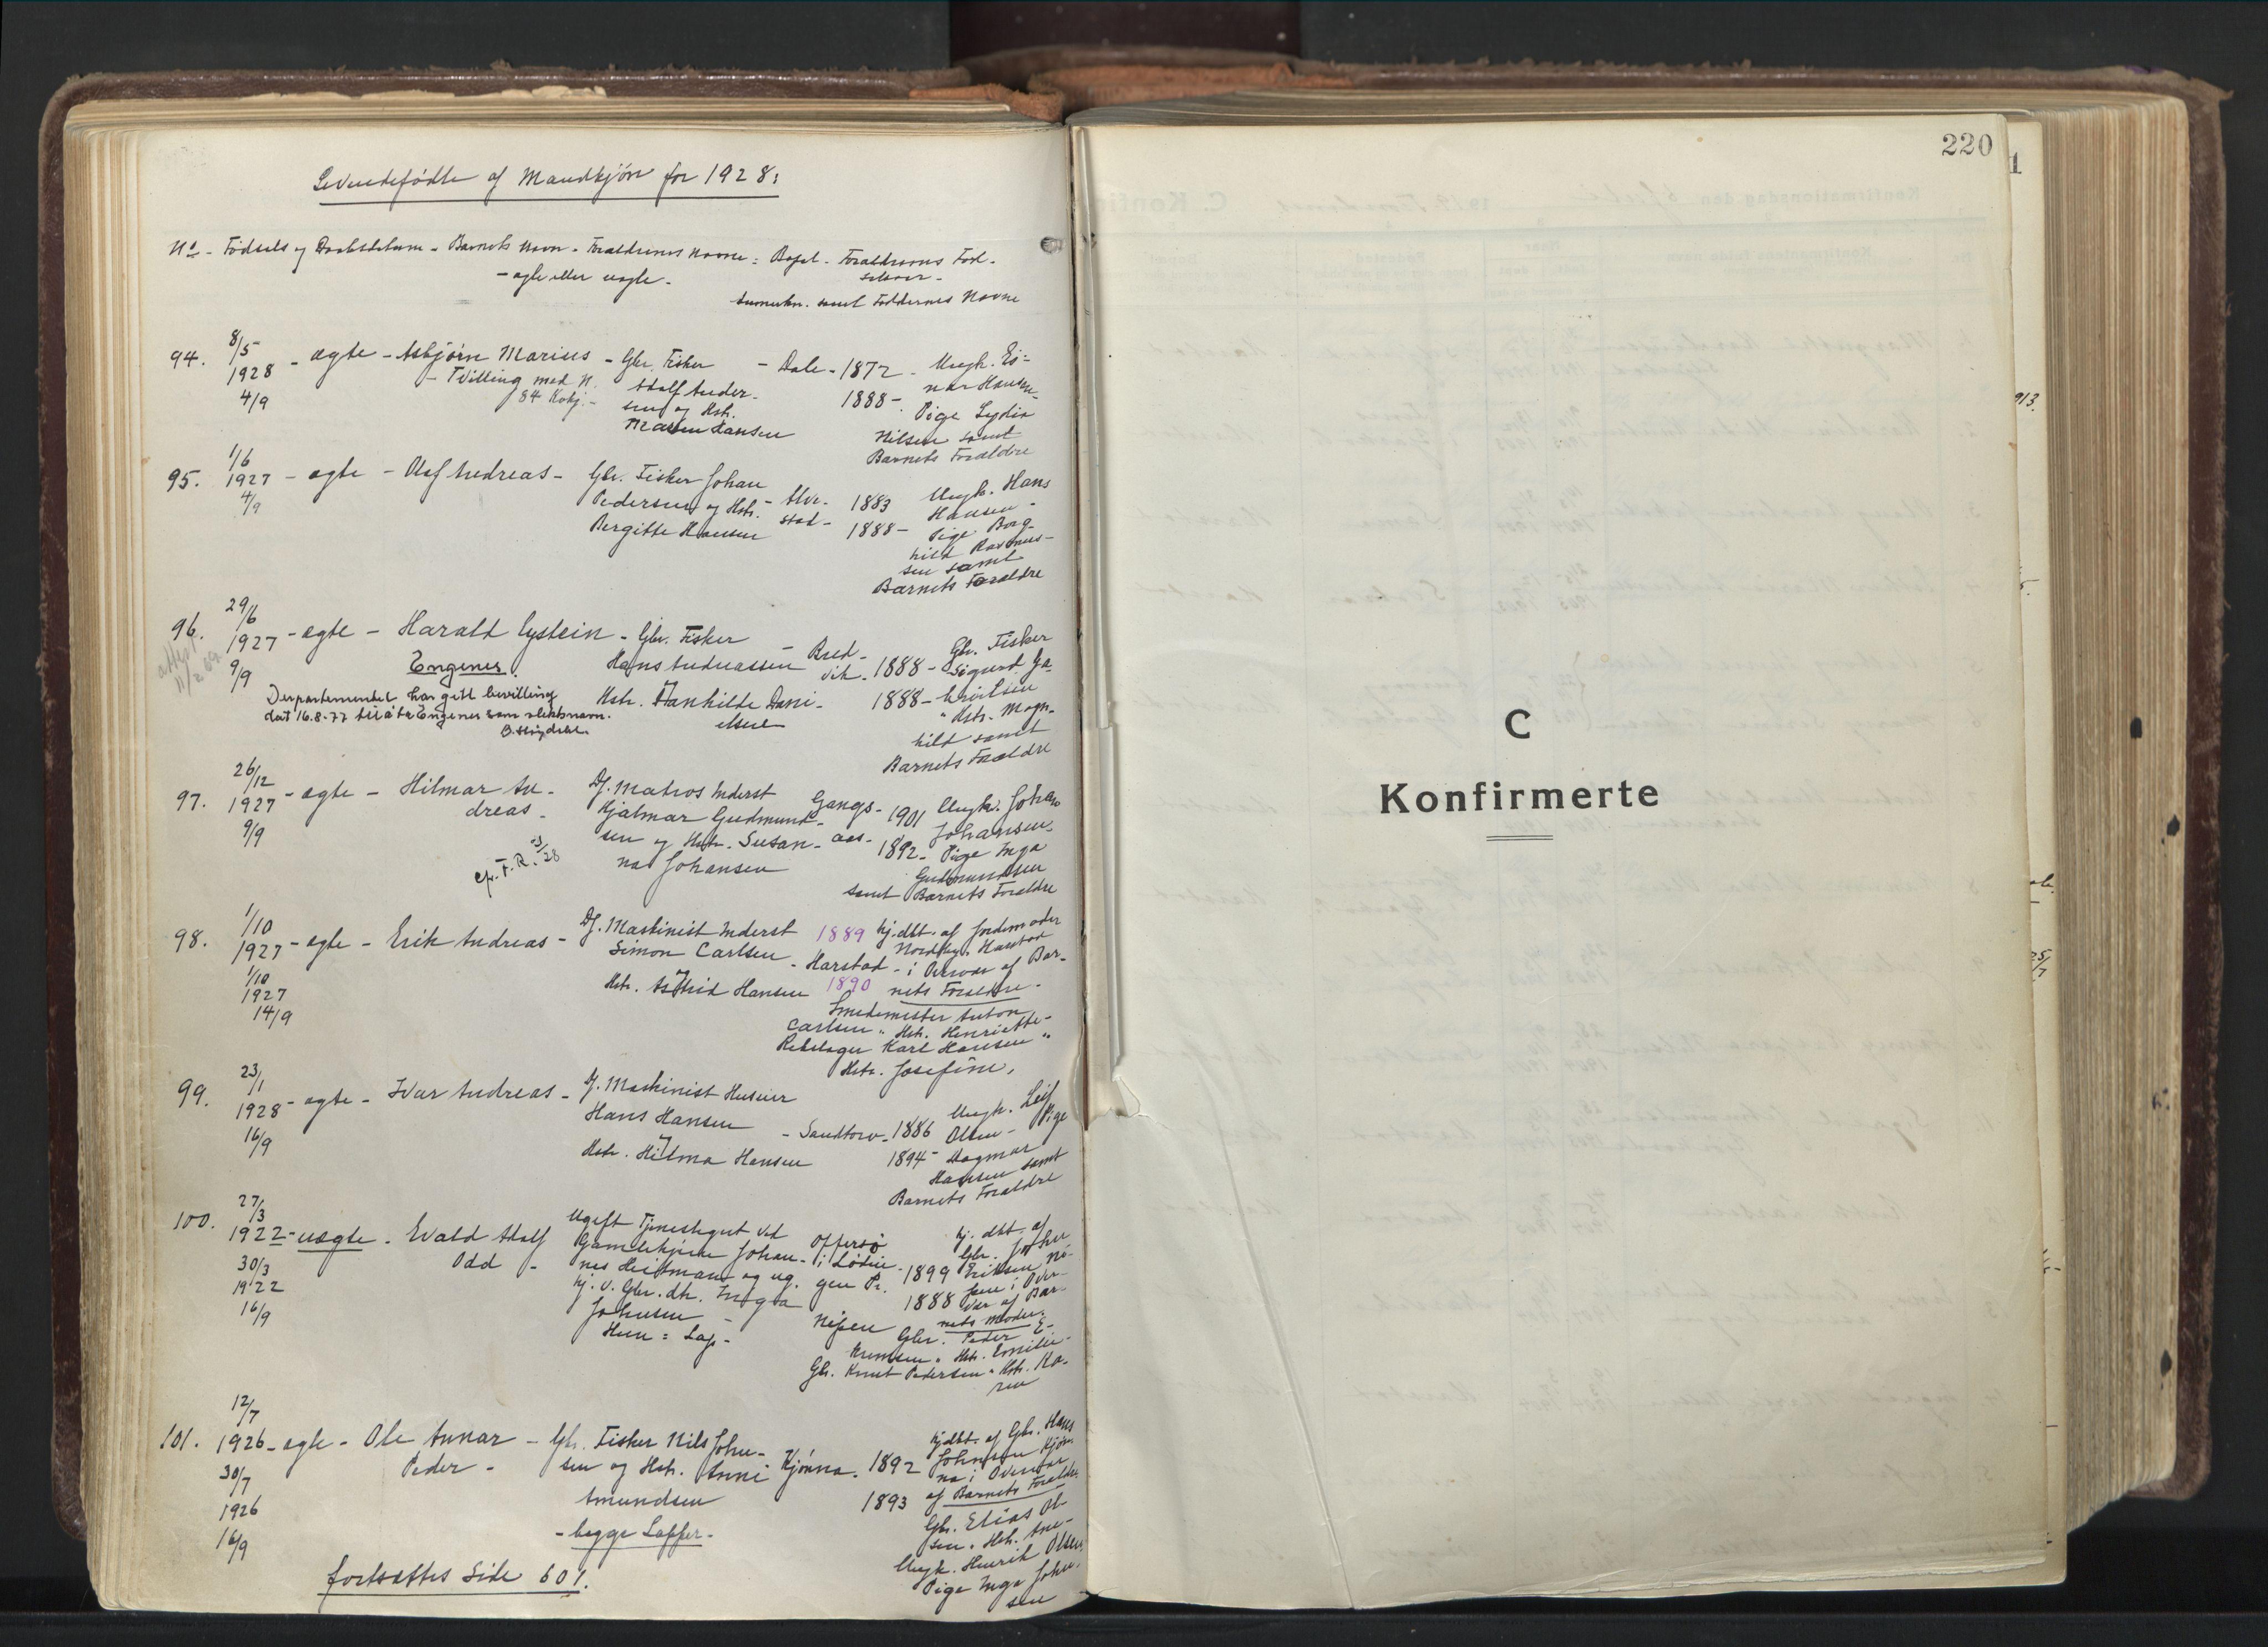 SATØ, Trondenes sokneprestkontor, H/Ha/L0019kirke: Ministerialbok nr. 19, 1919-1928, s. 220